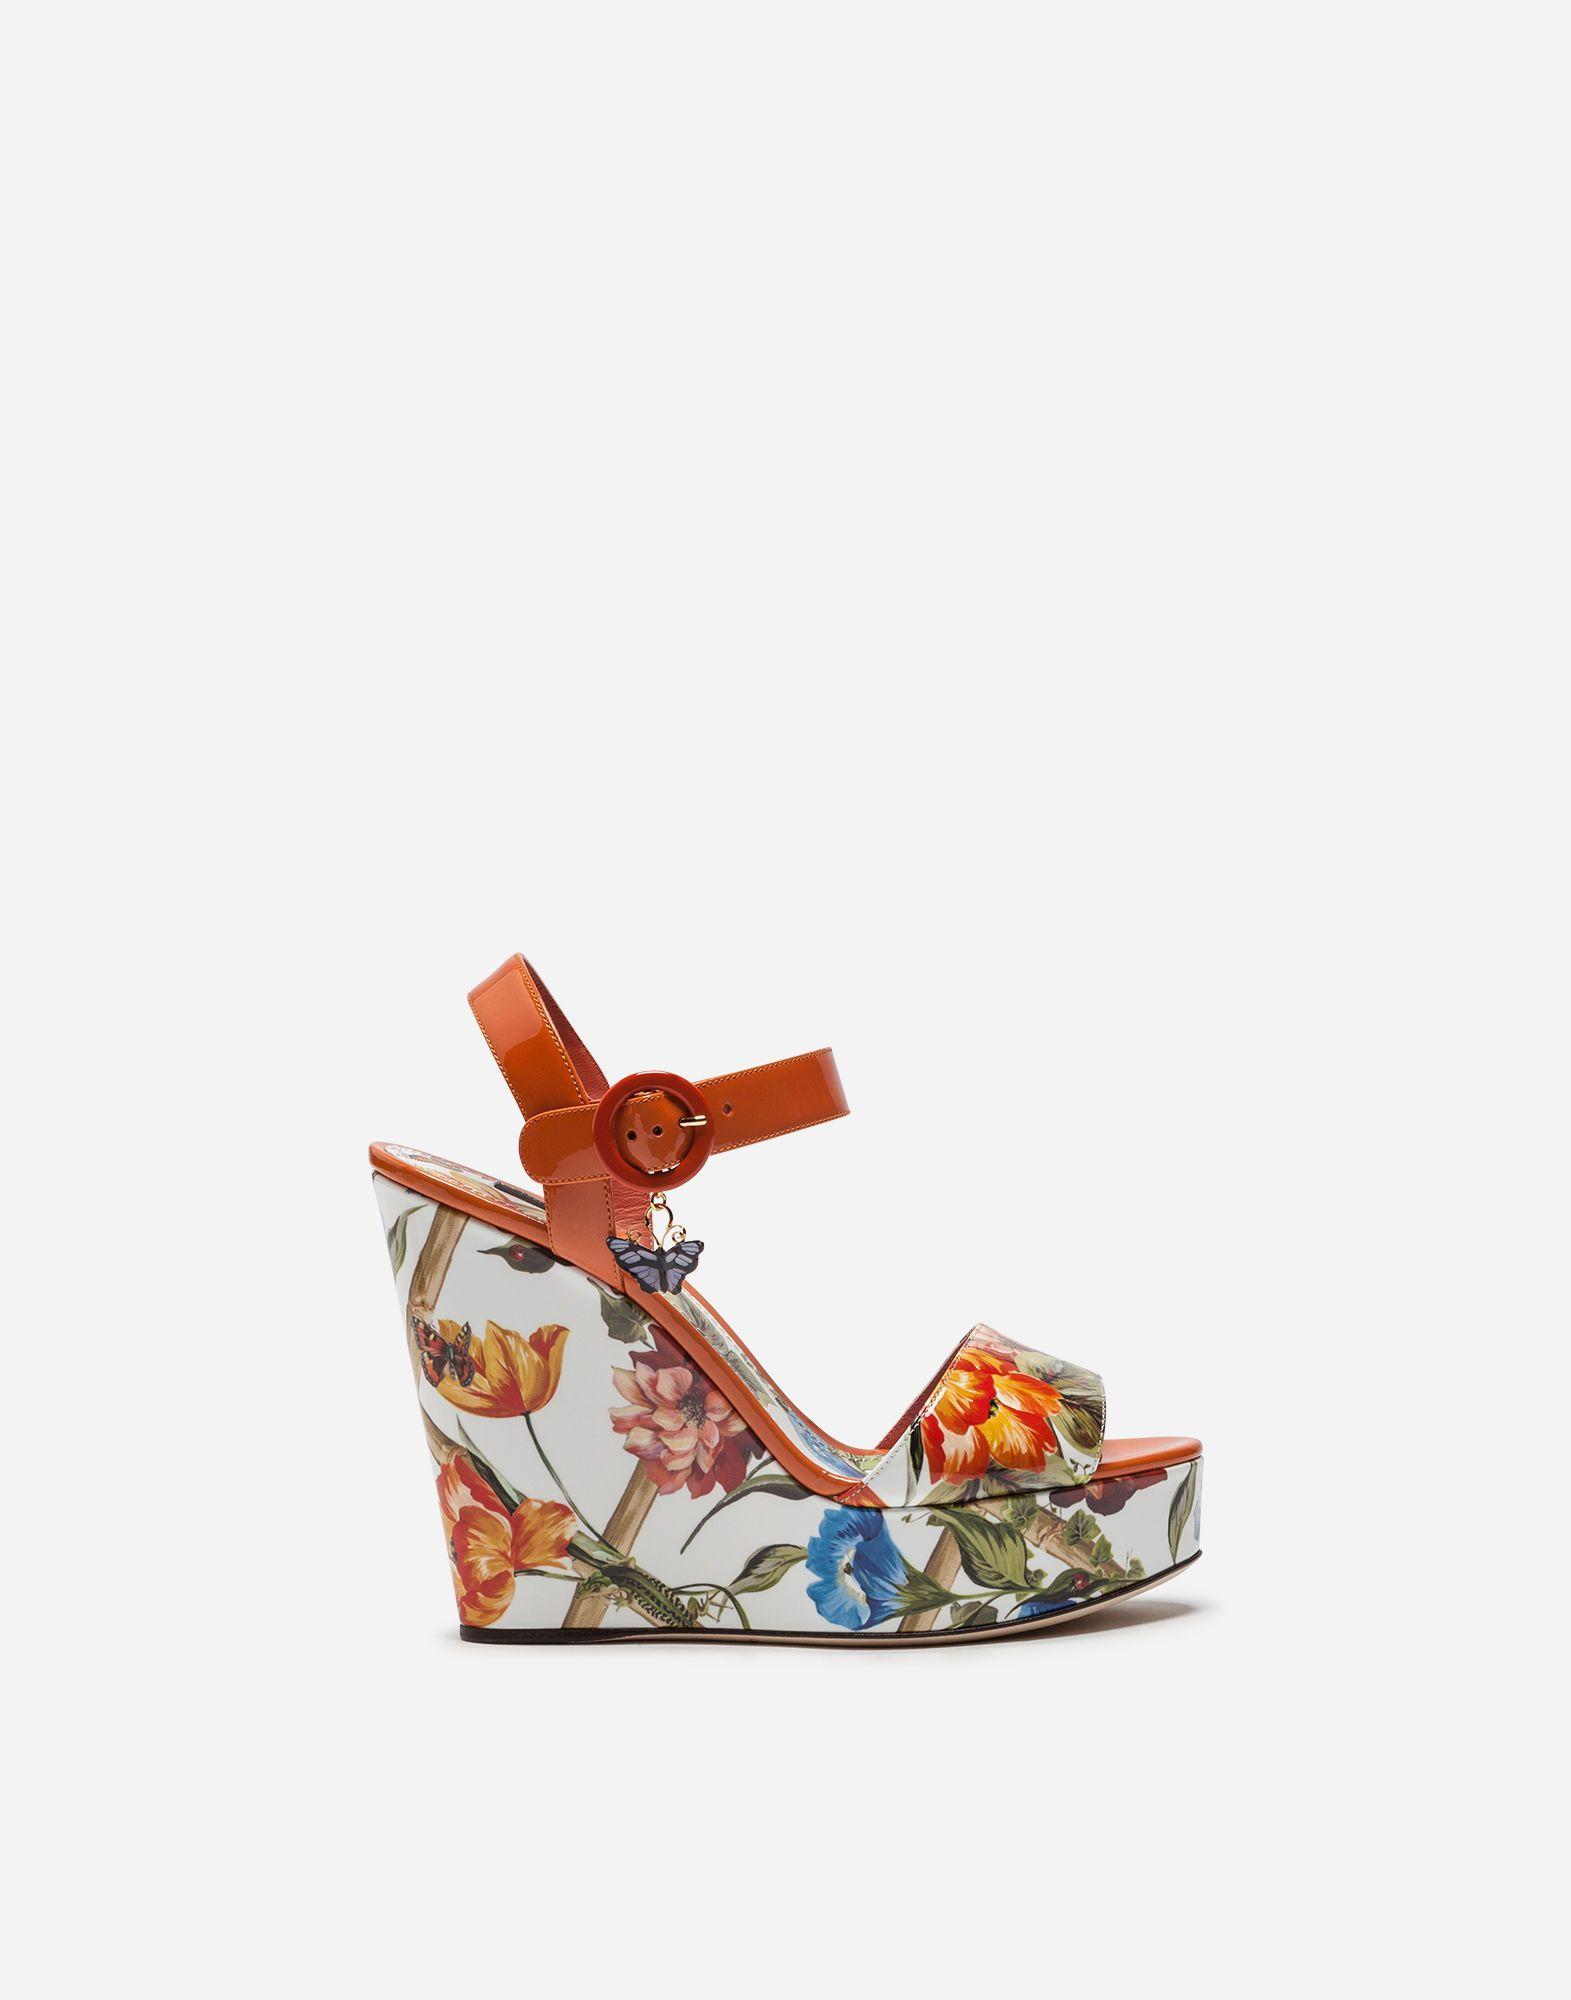 Dolce \u0026 Gabbana Wedge Sandal In Printed